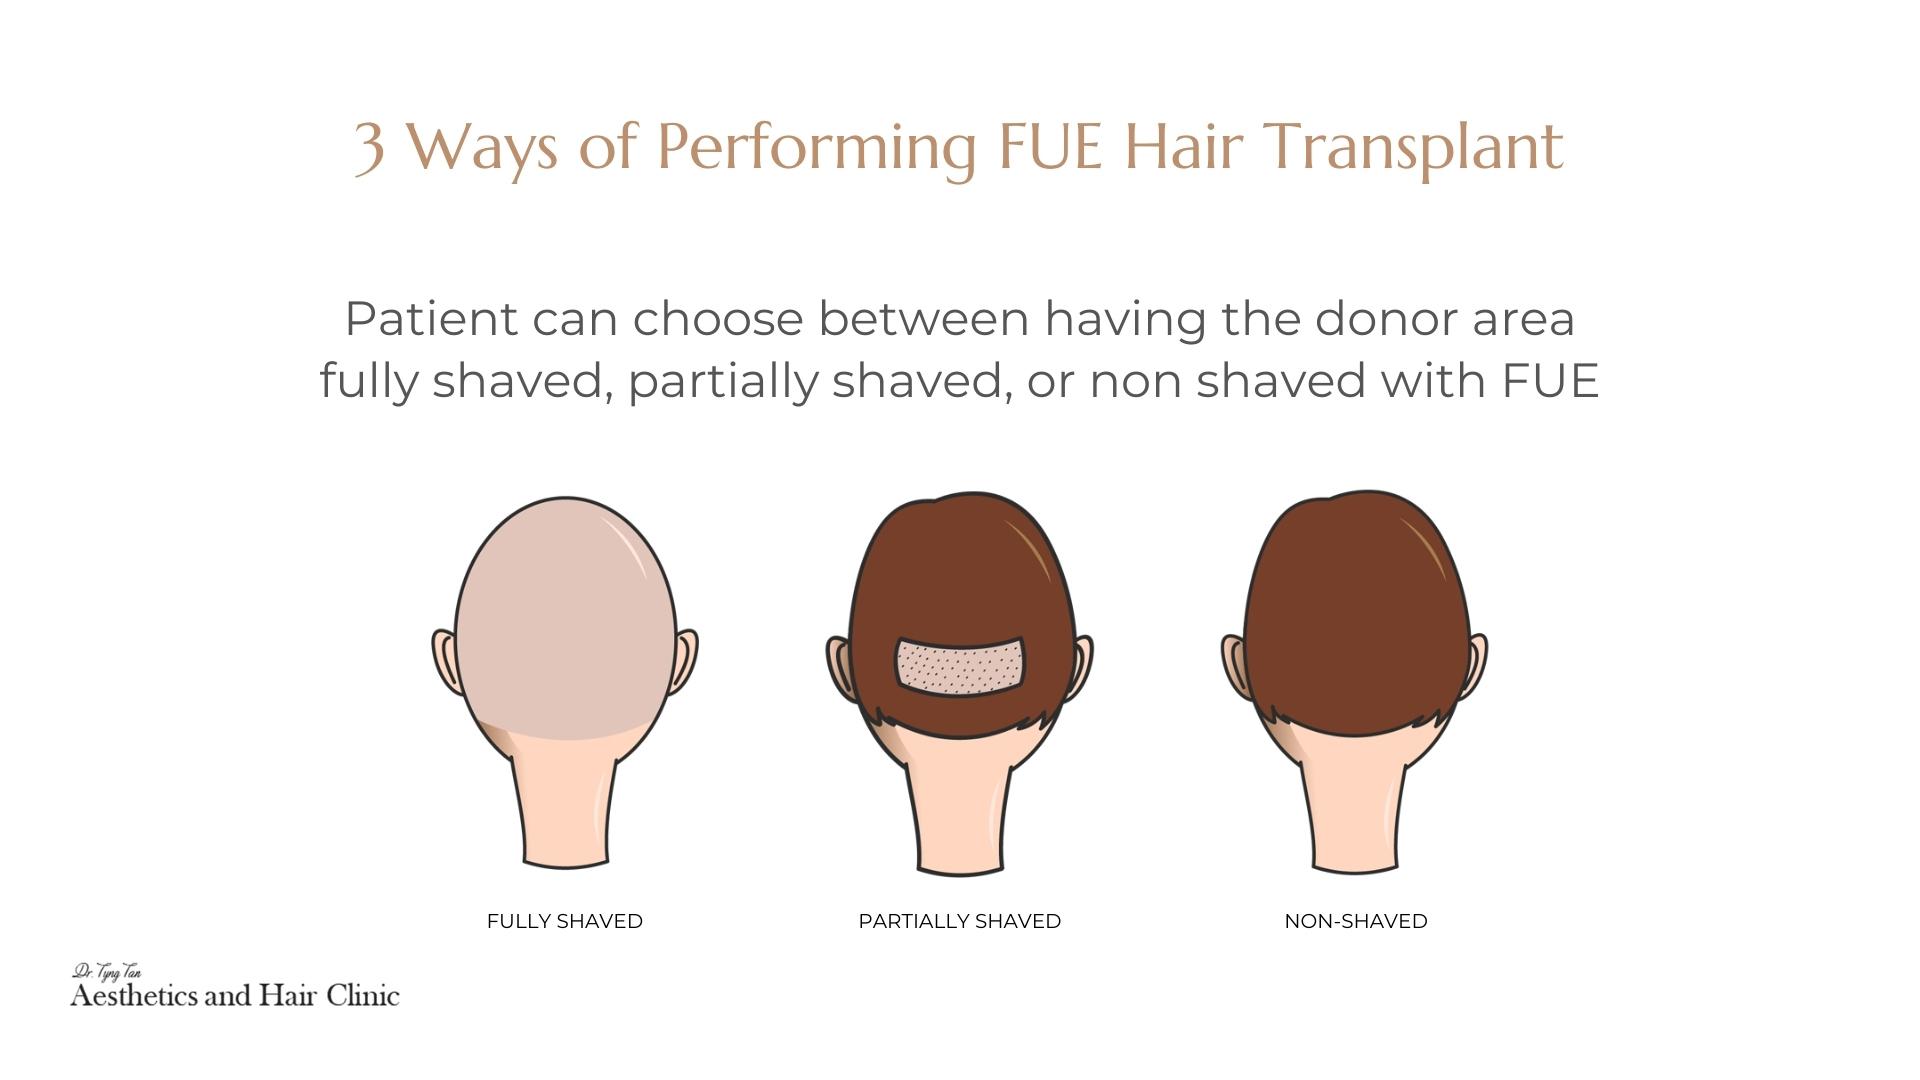 3 Ways of Performing FUE Hair Transplant